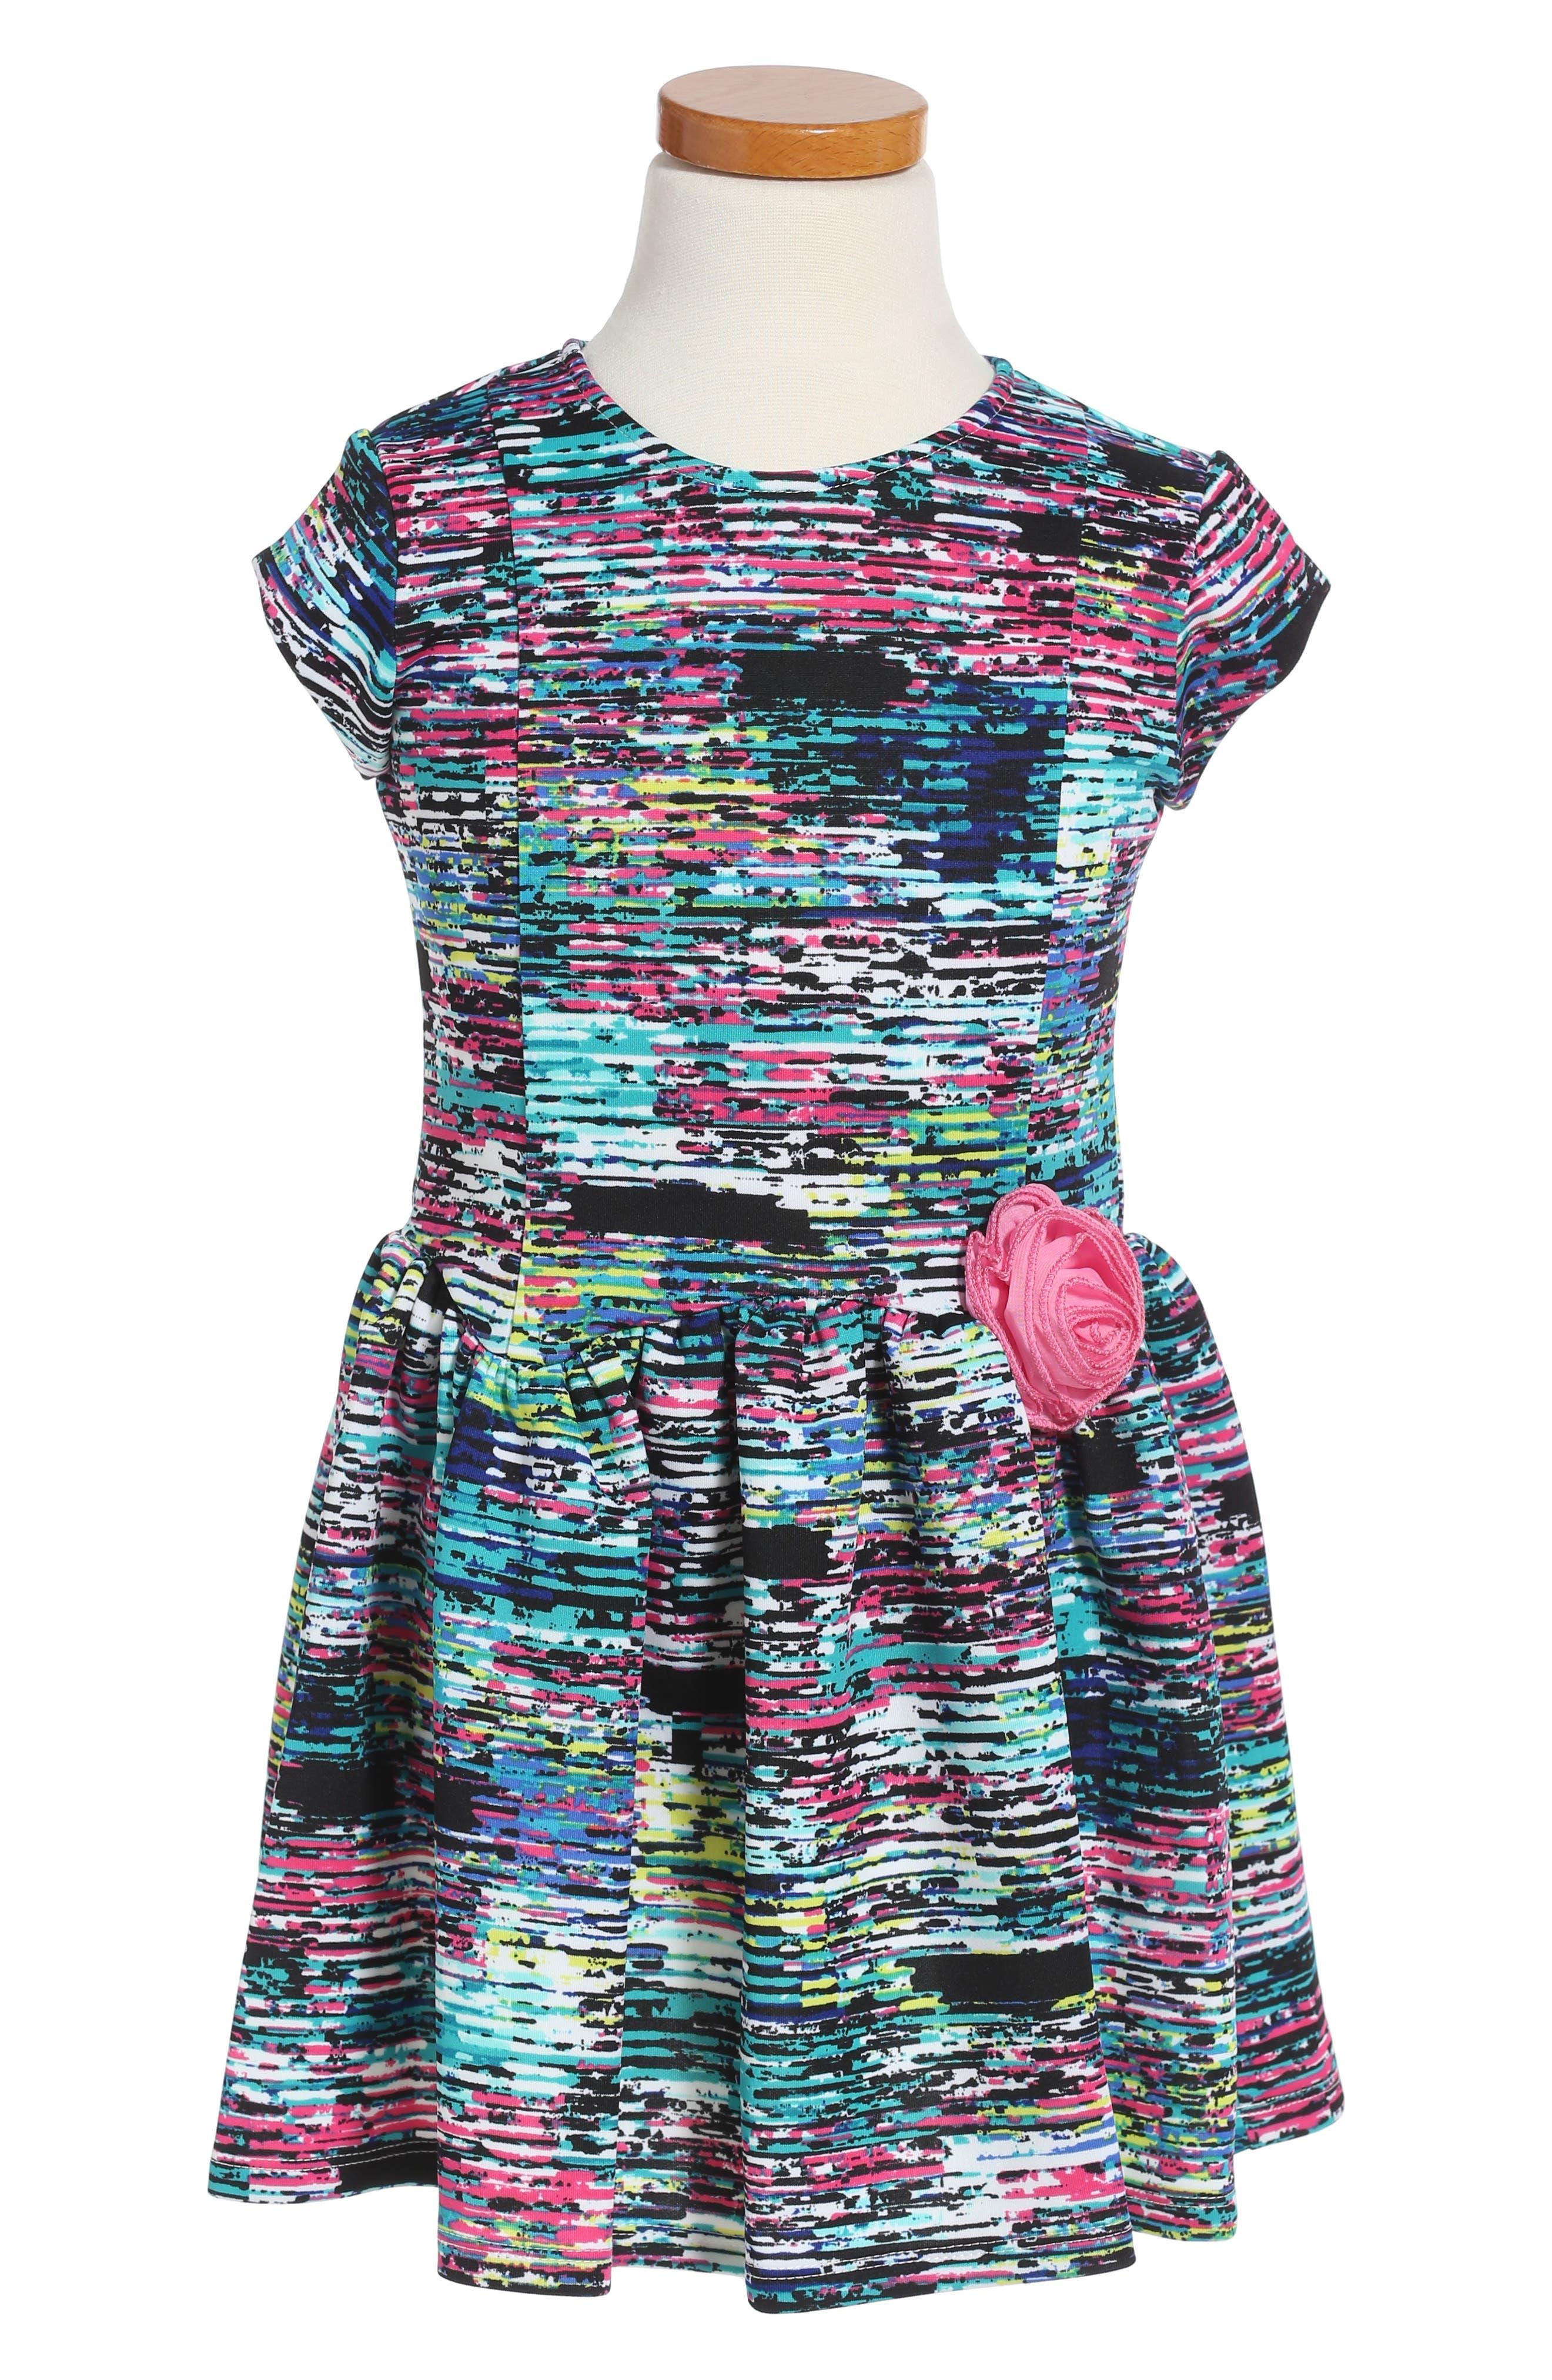 Main Image - Pippa & Julie Print Scuba Dress (Toddler Girls & Little Girls)